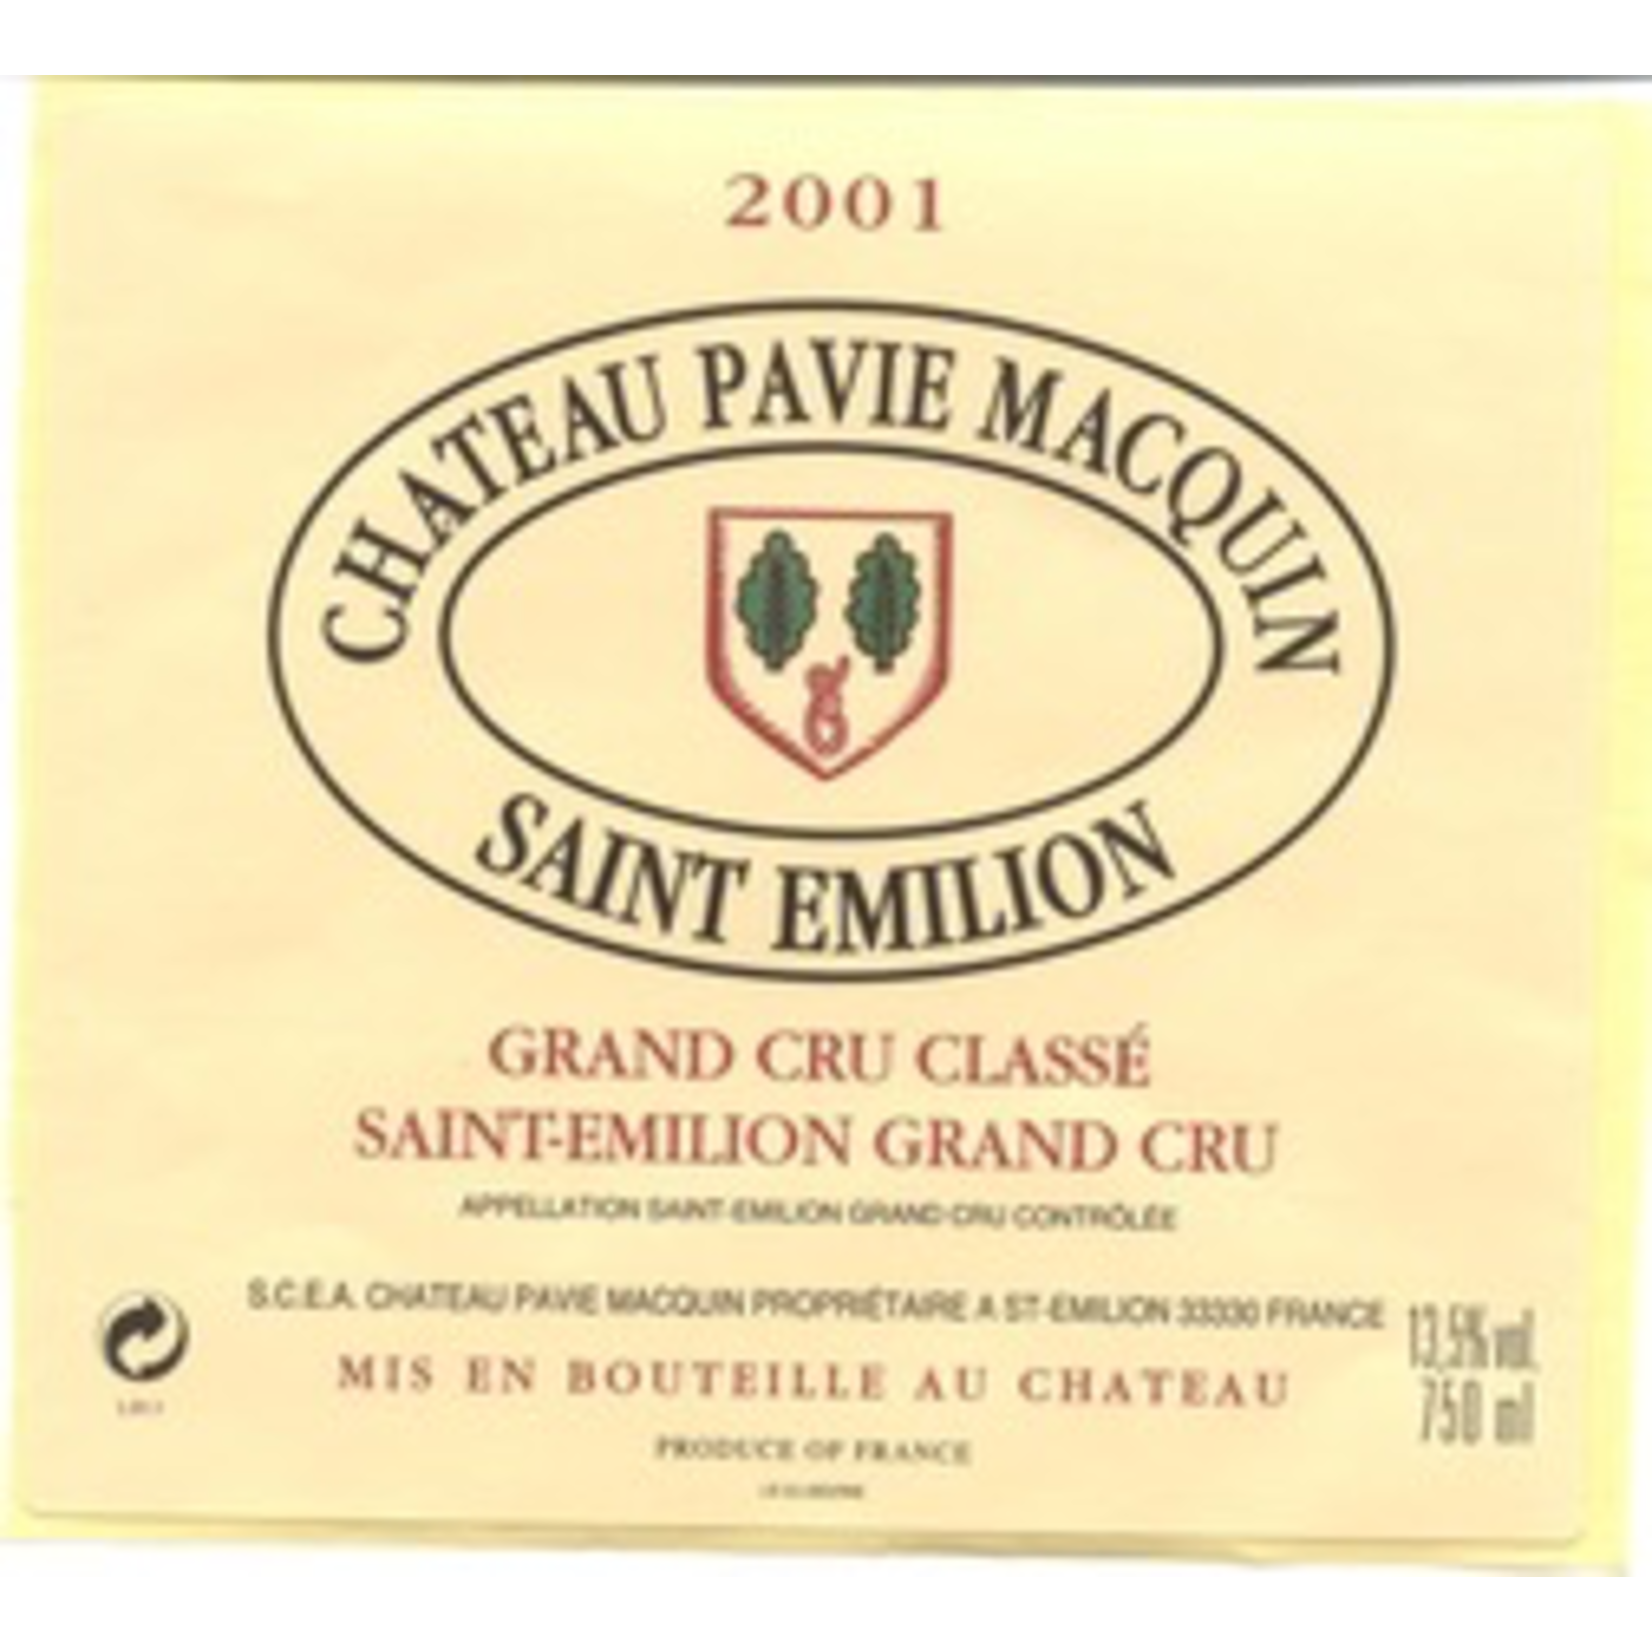 Wine Chateau Pavie-Macquin, Saint-Emilion Grand Cru Classe 2001